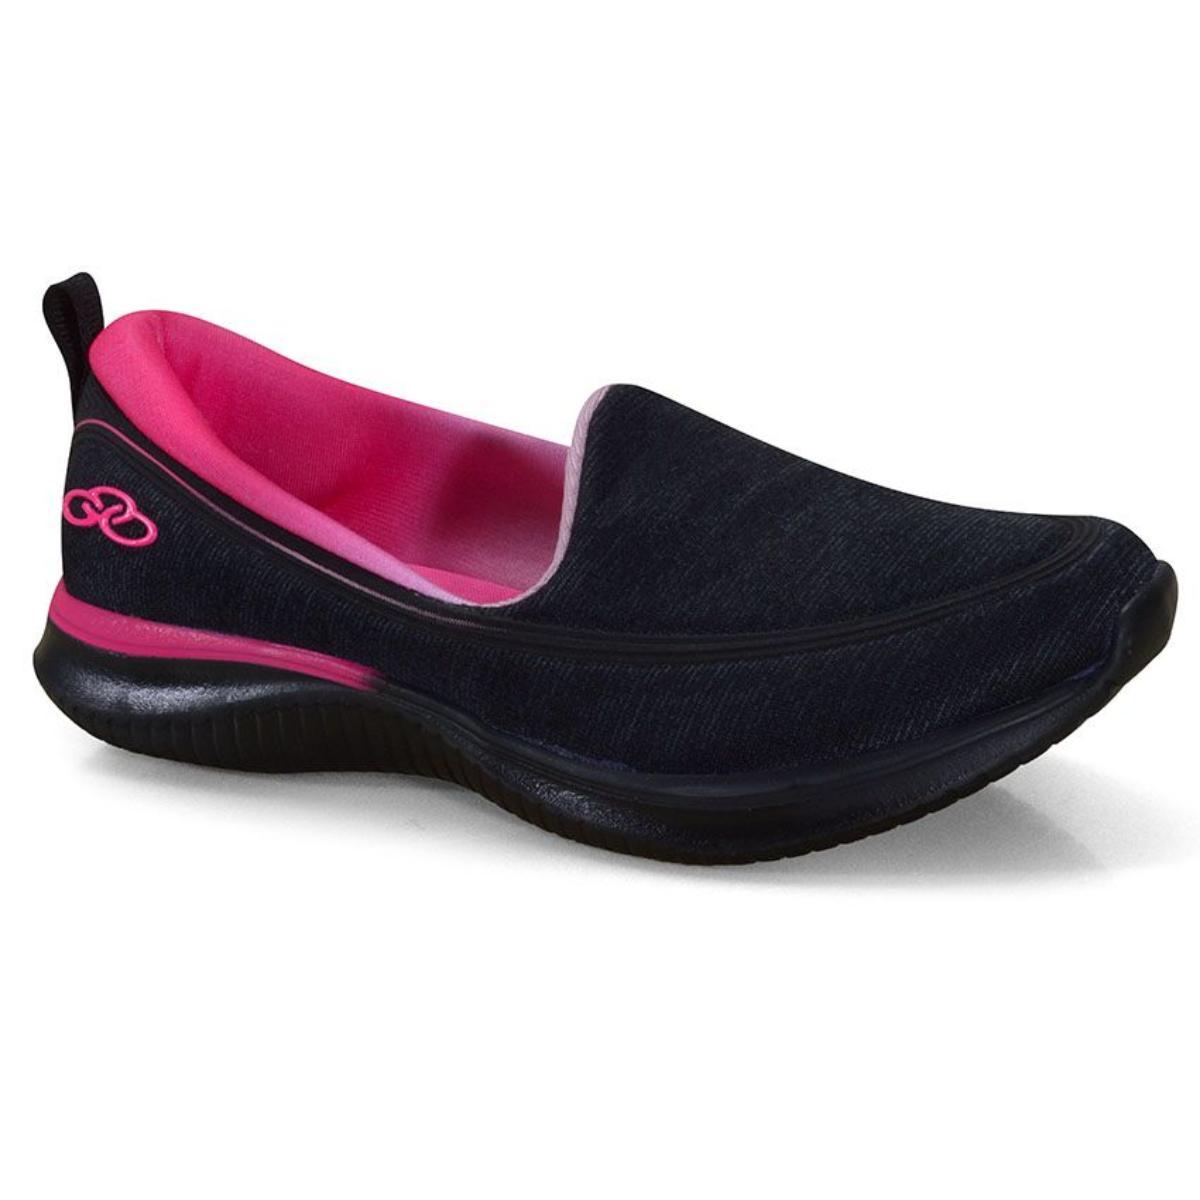 Tênis Feminino Olympikus Sunna 769 Preto/pink